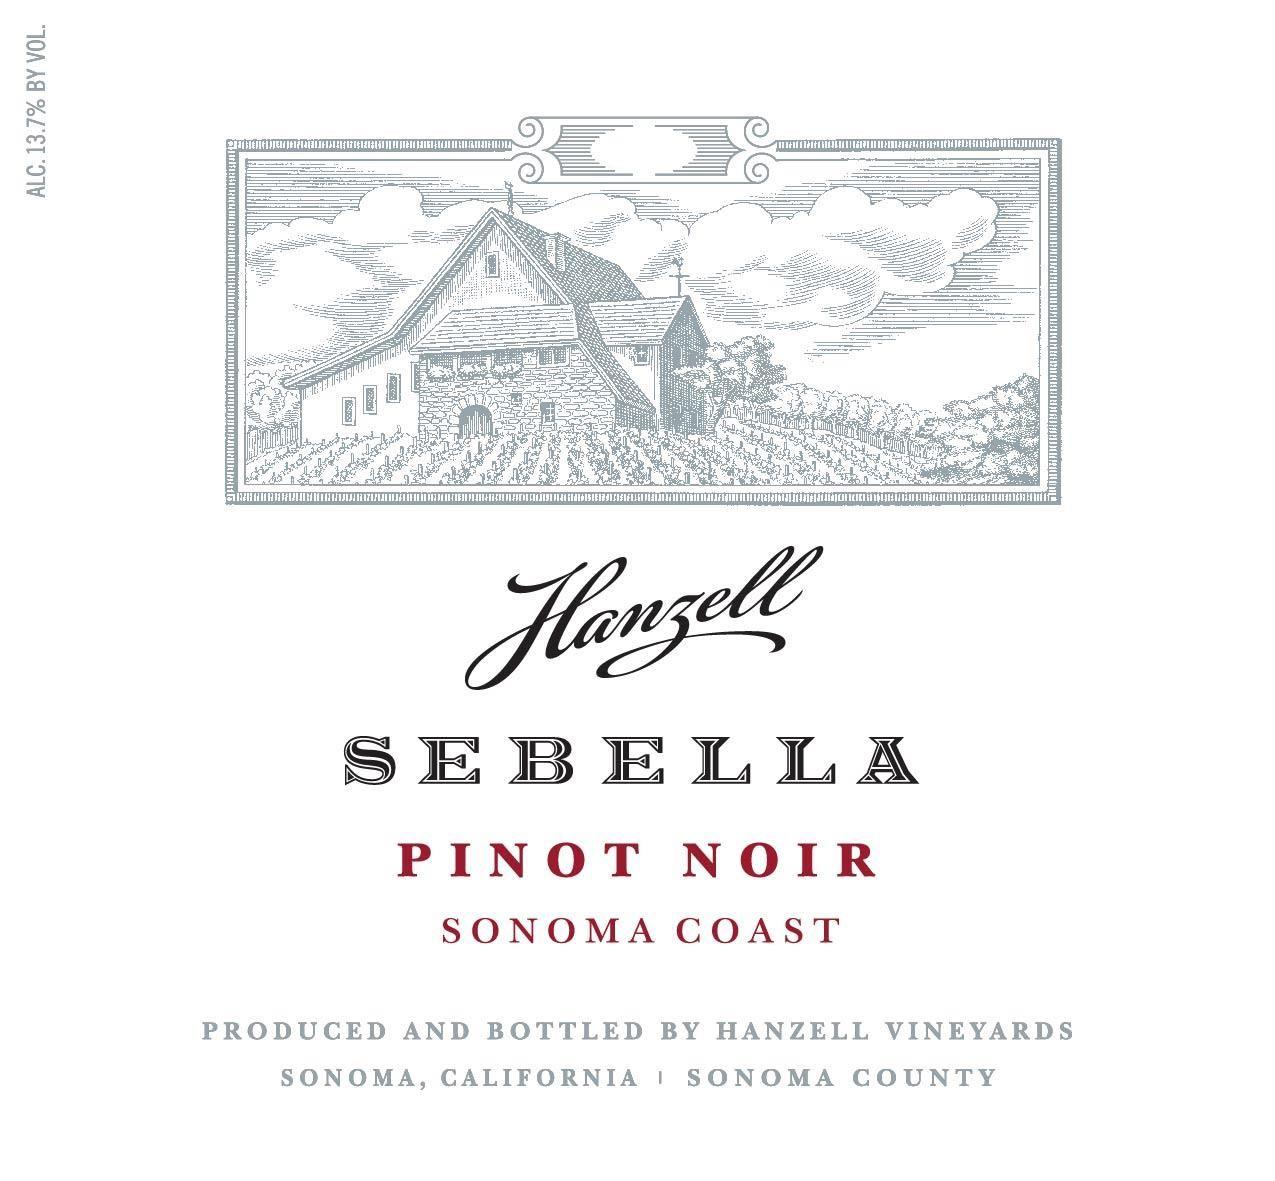 Hanzell Sebella Pinot Noir 2018